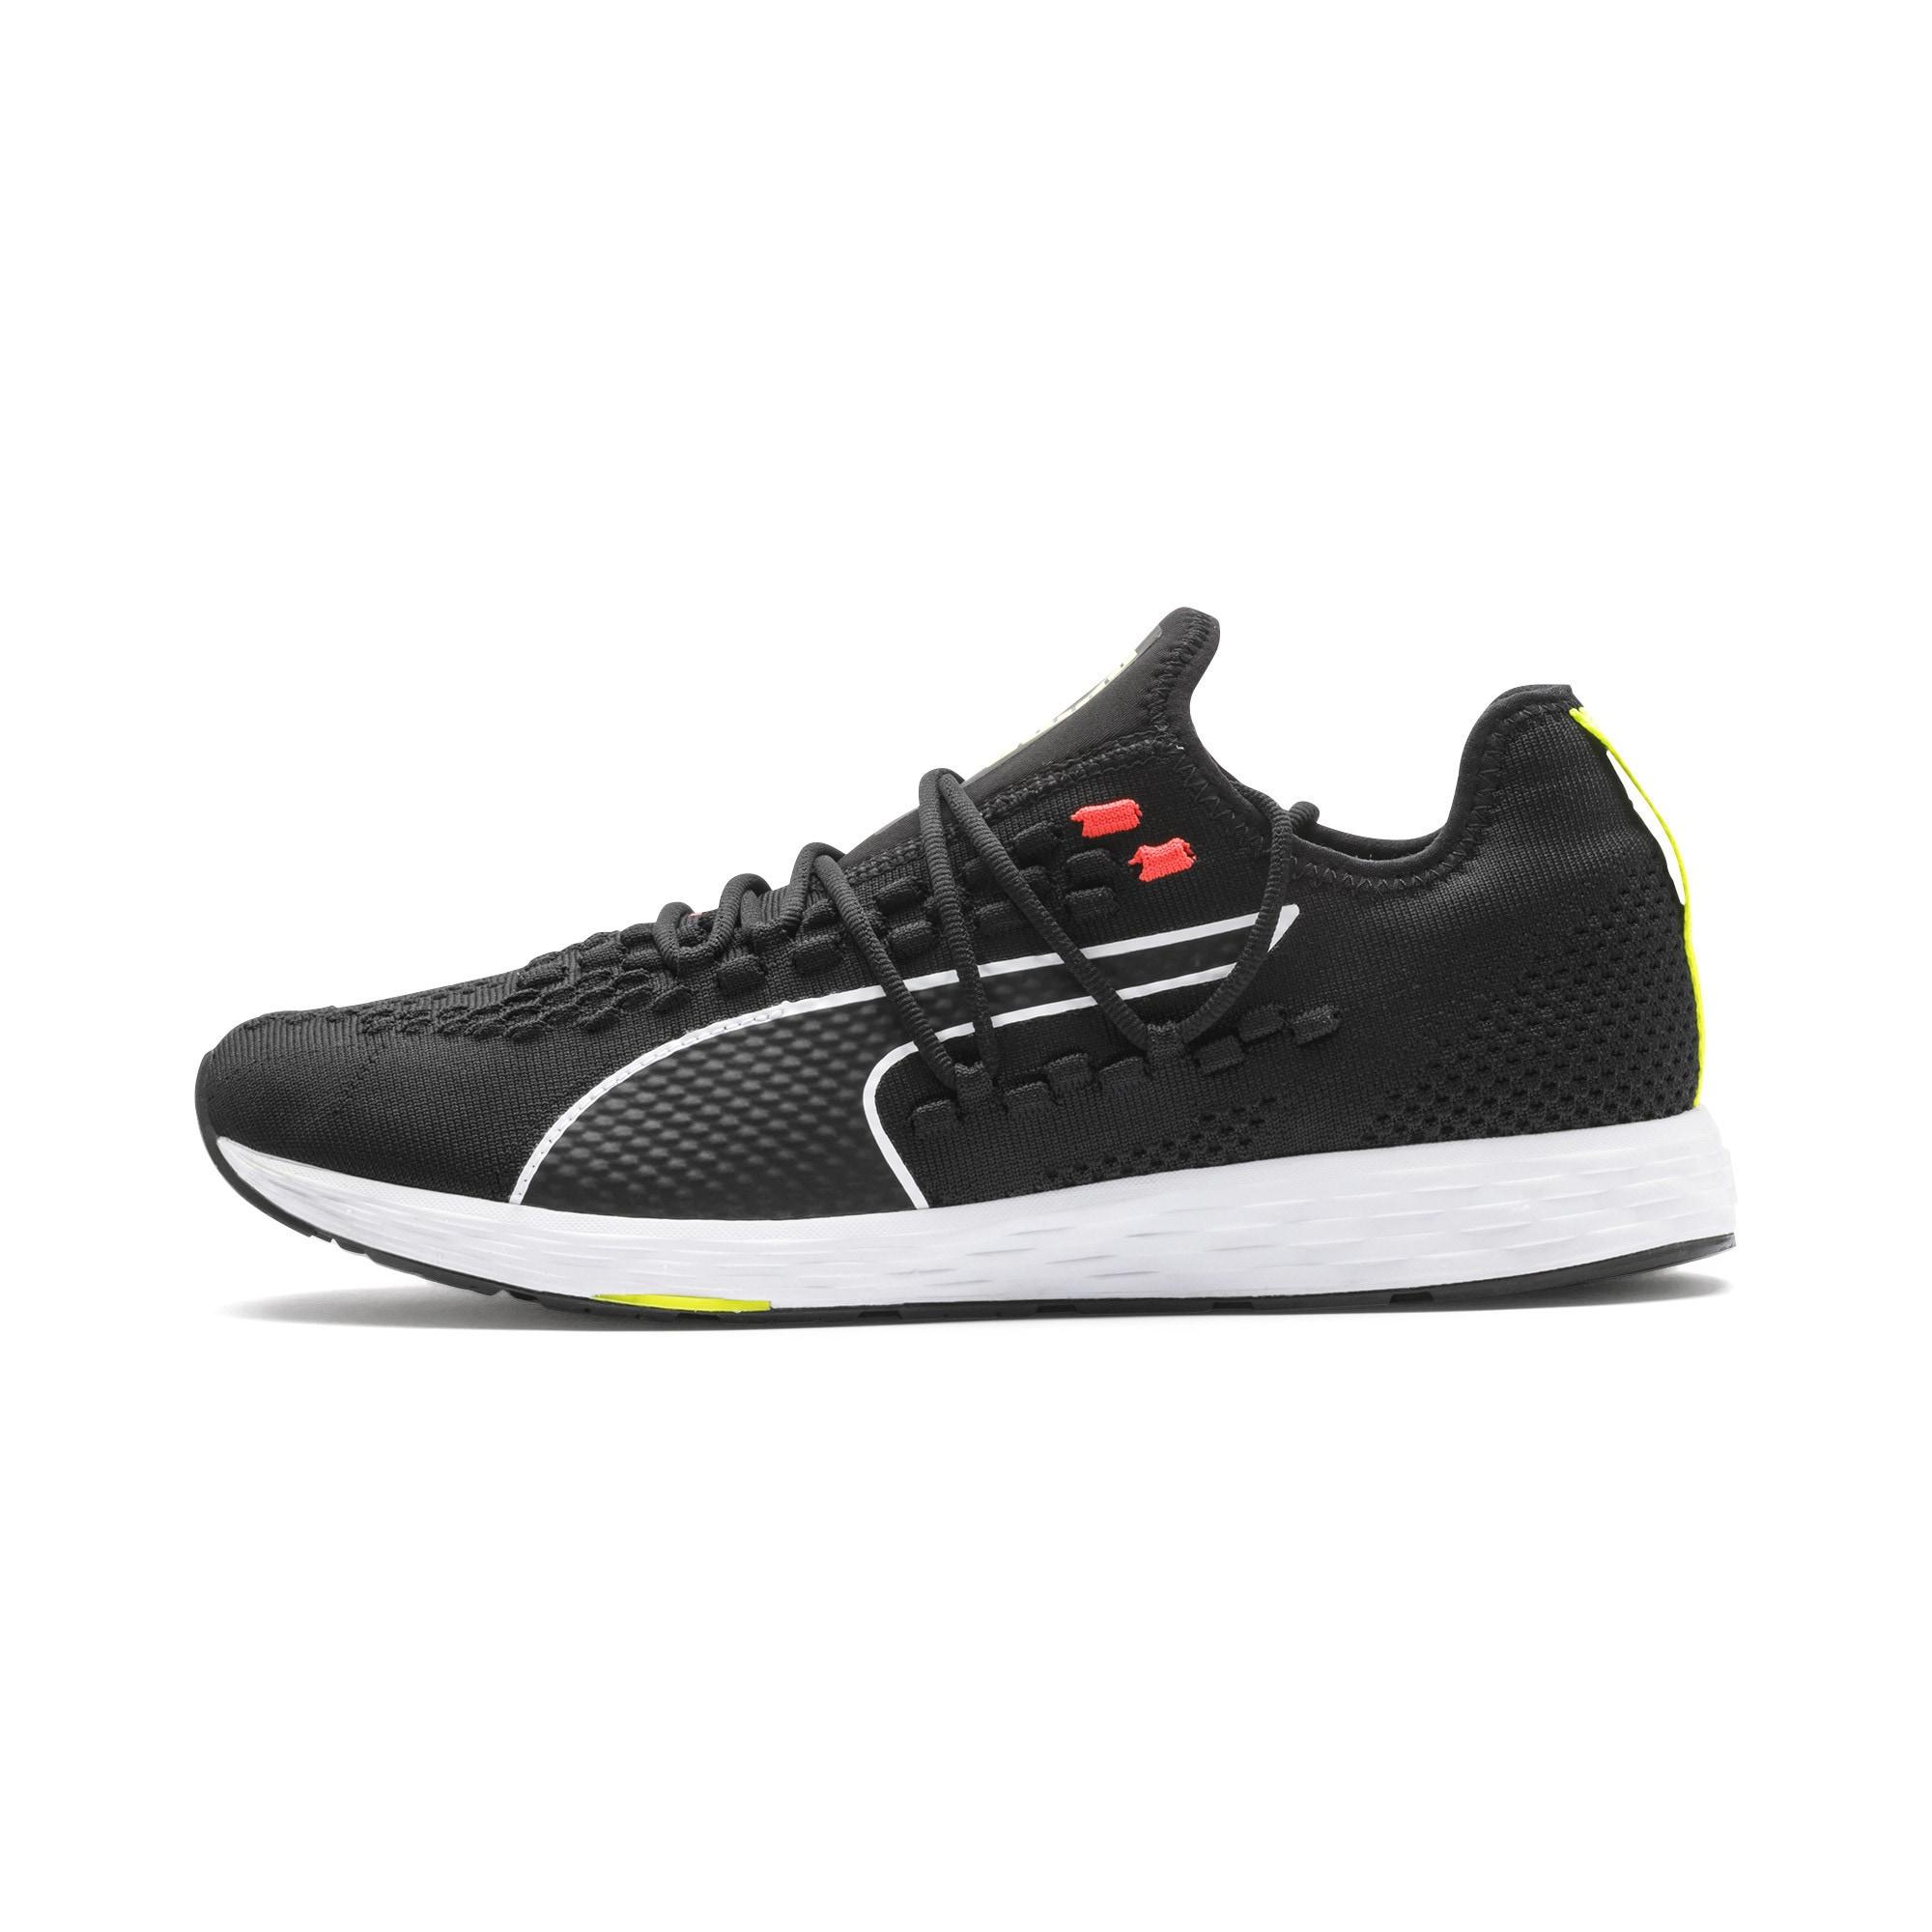 Laufschuhe 'Speed Racer' | Schuhe > Sportschuhe > Laufschuhe | Puma